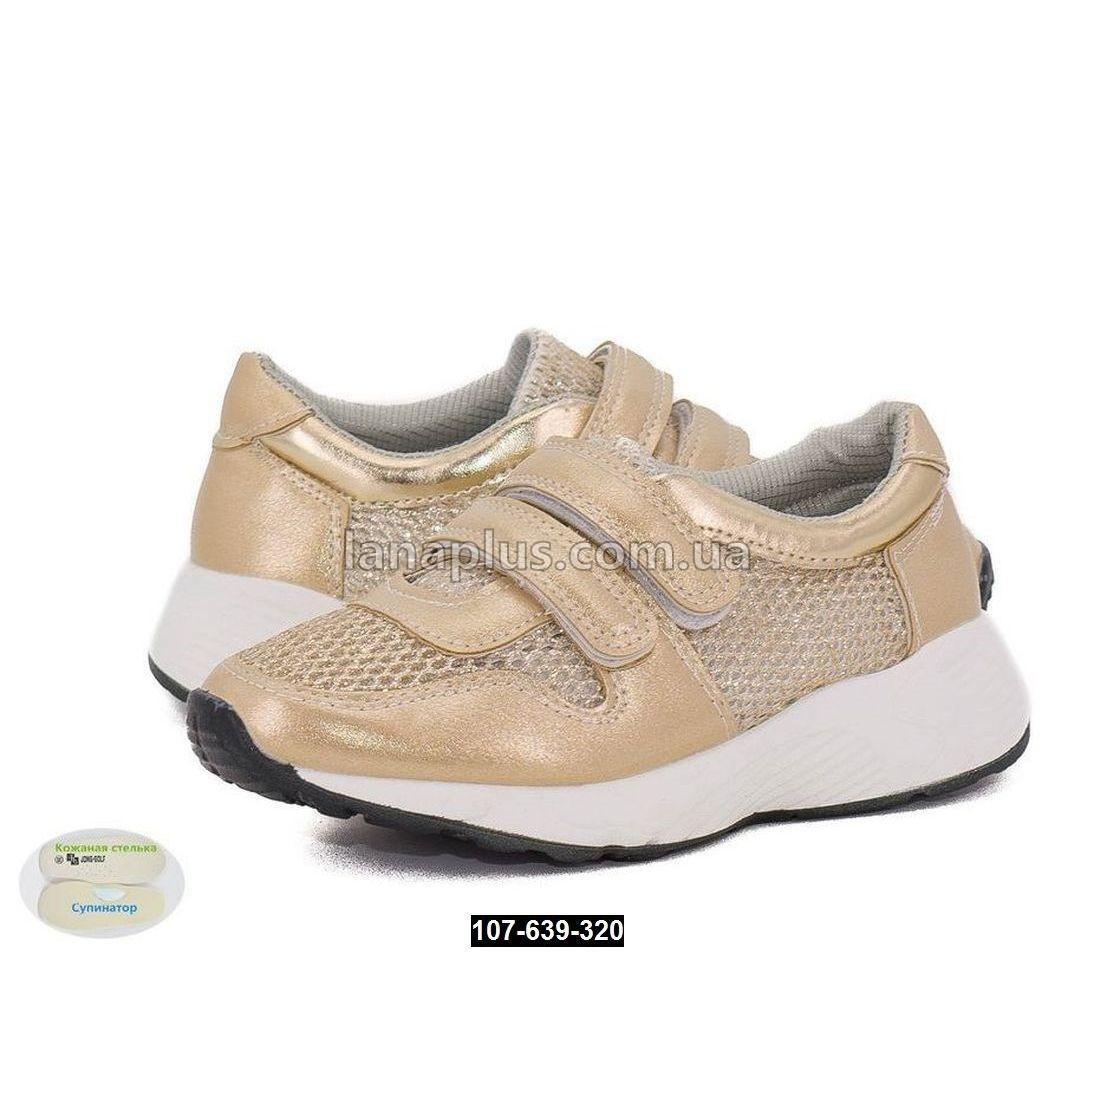 Дышащие кроссовки, слипоны для девочки, 34 размер (21.5 см), супинатор, кожаная стелька